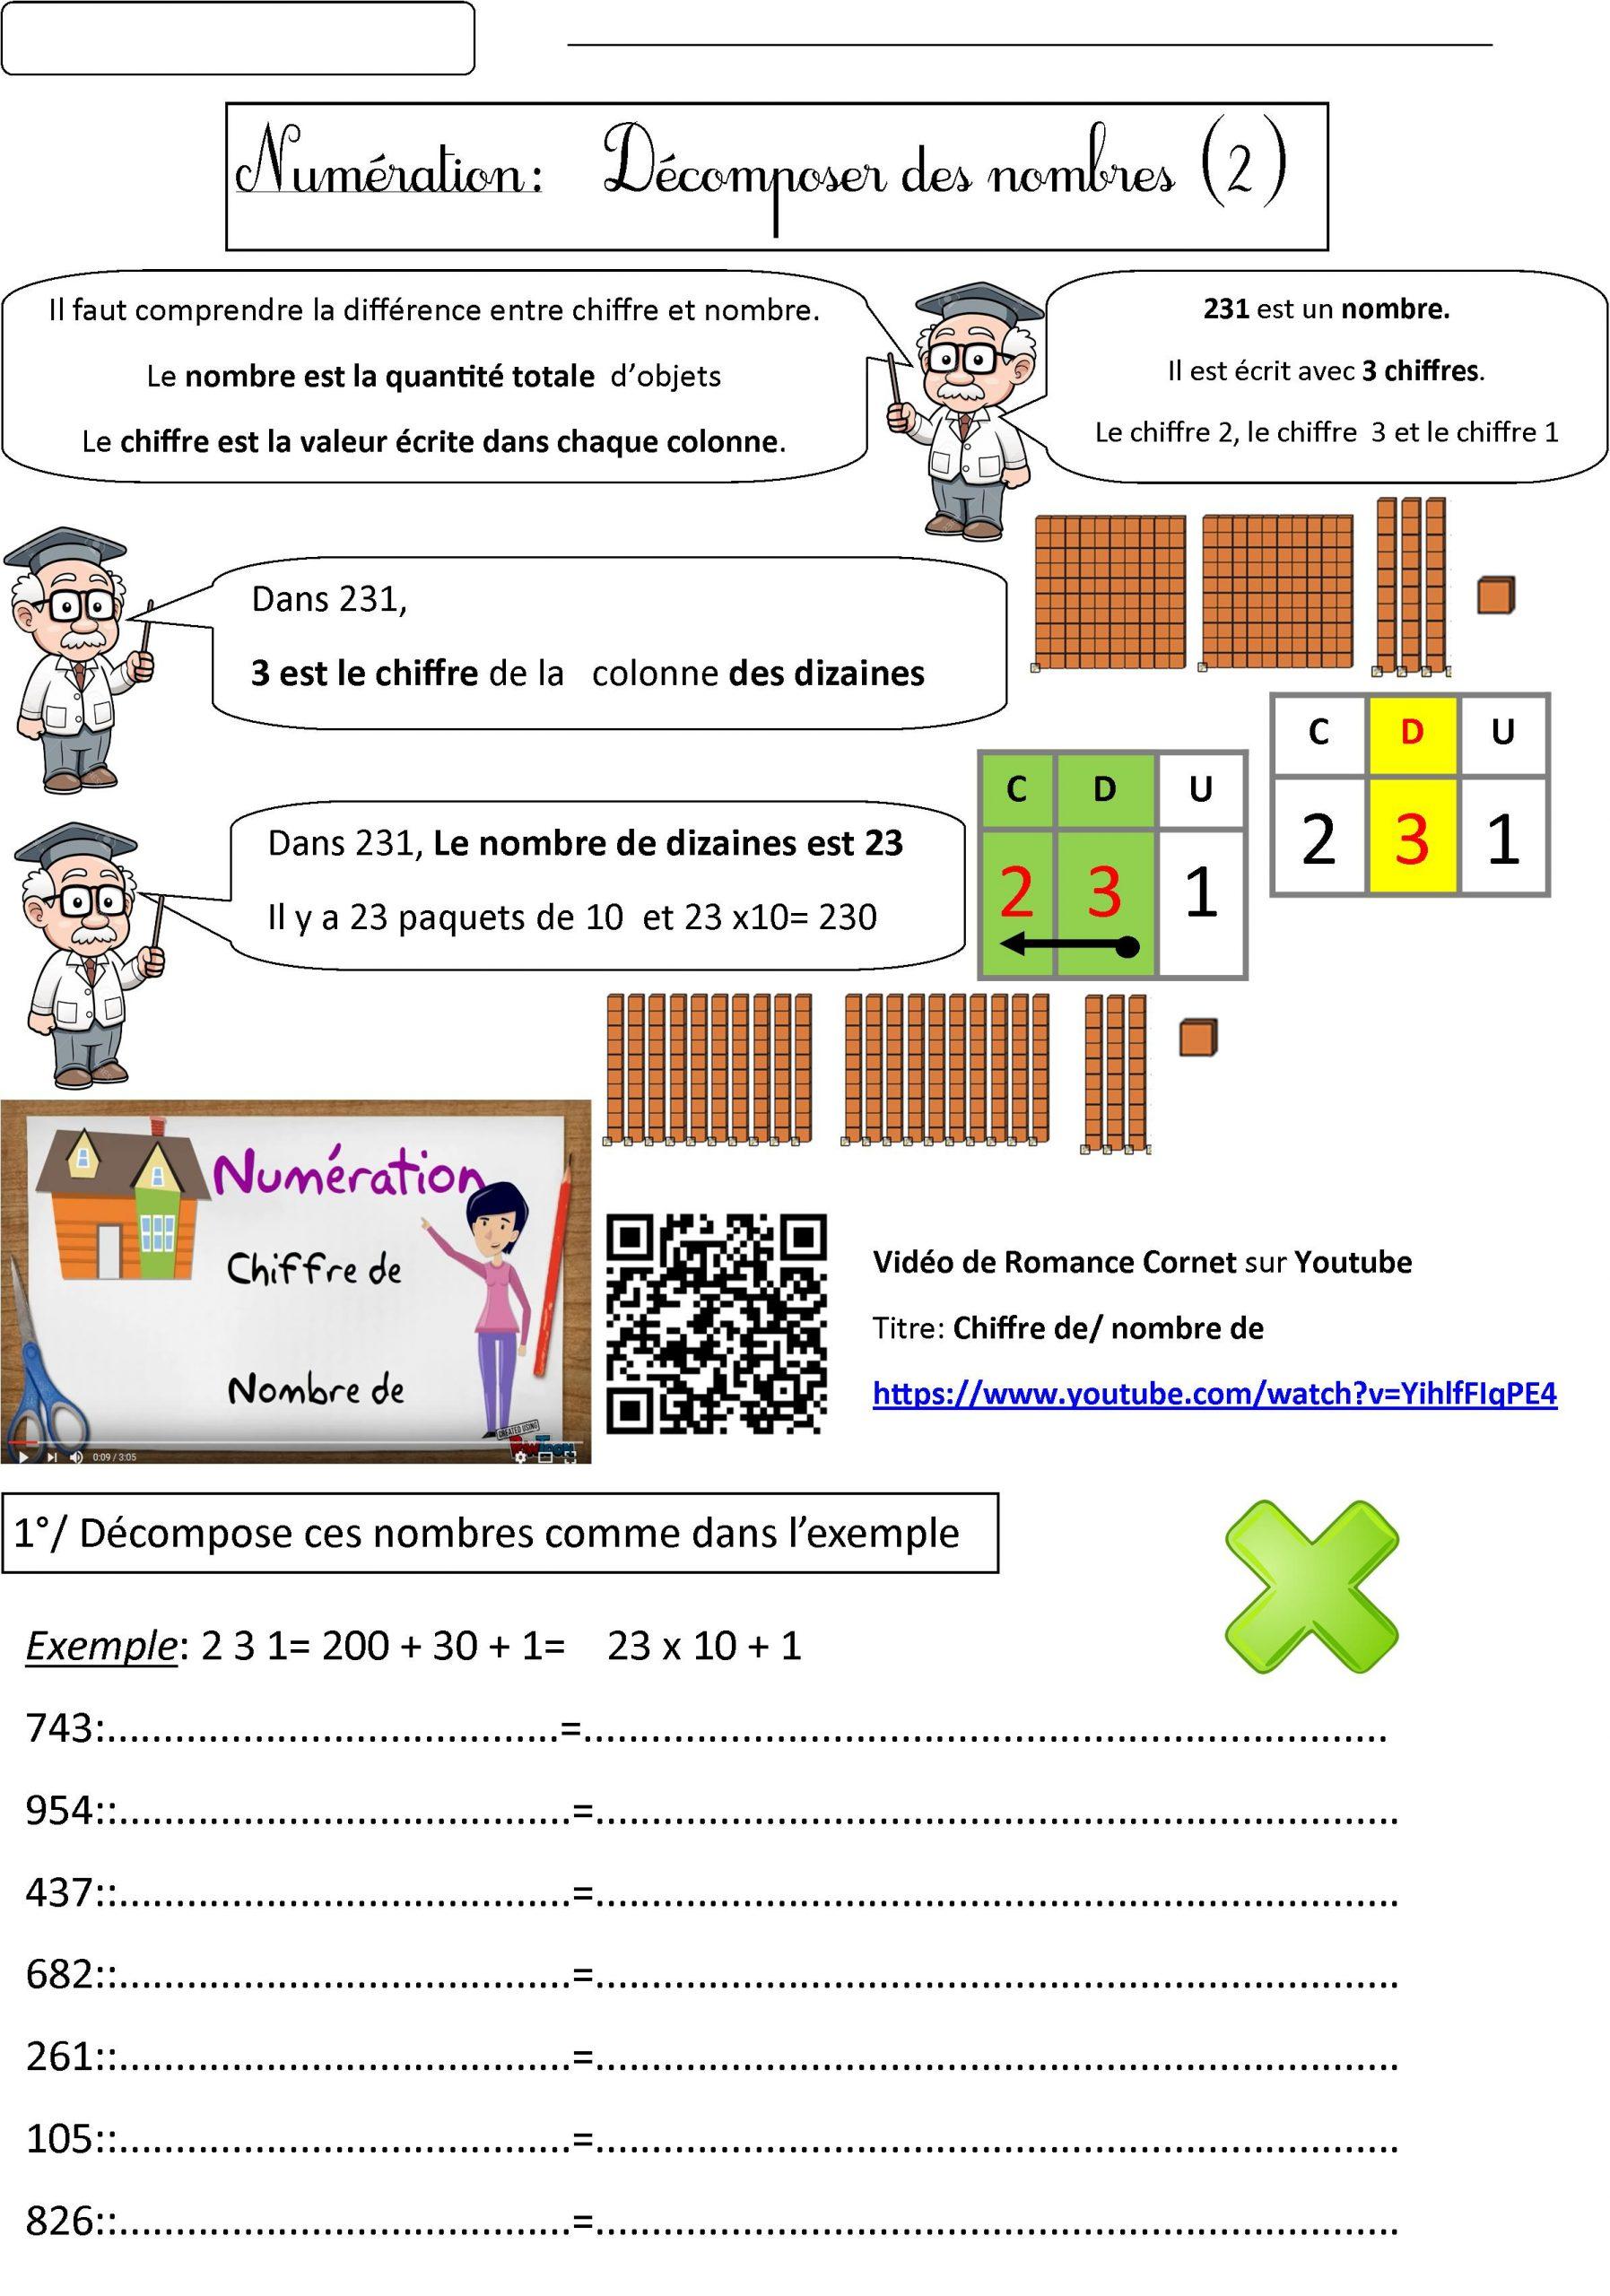 Numération Ce2: Différencier Chiffre Et Nombre | Le Blog De à Cours Ce2 A Imprimer